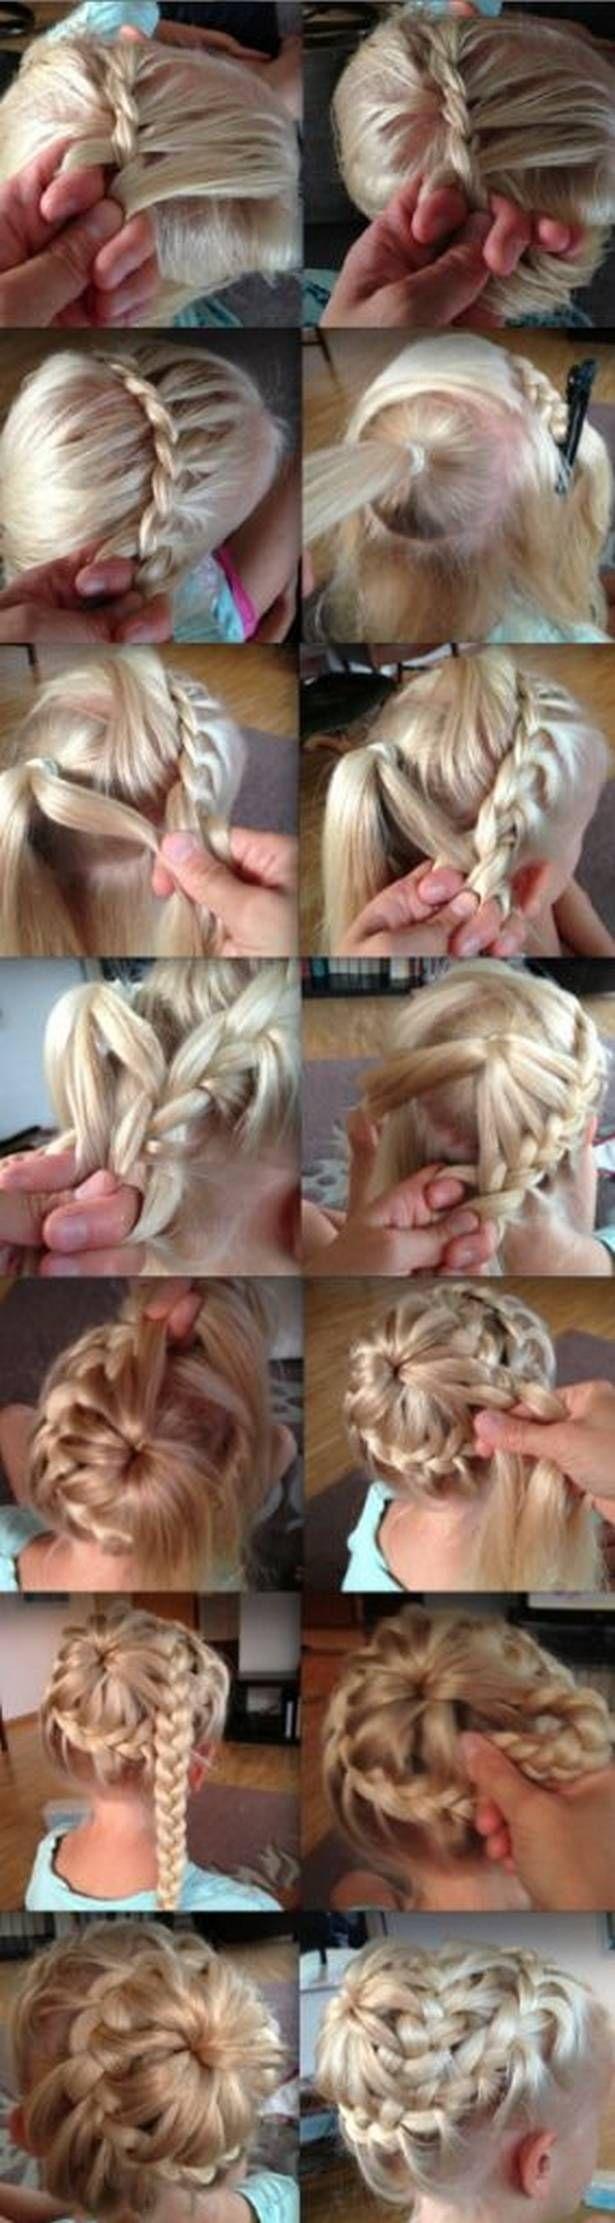 coiffure-eptite-fille-13